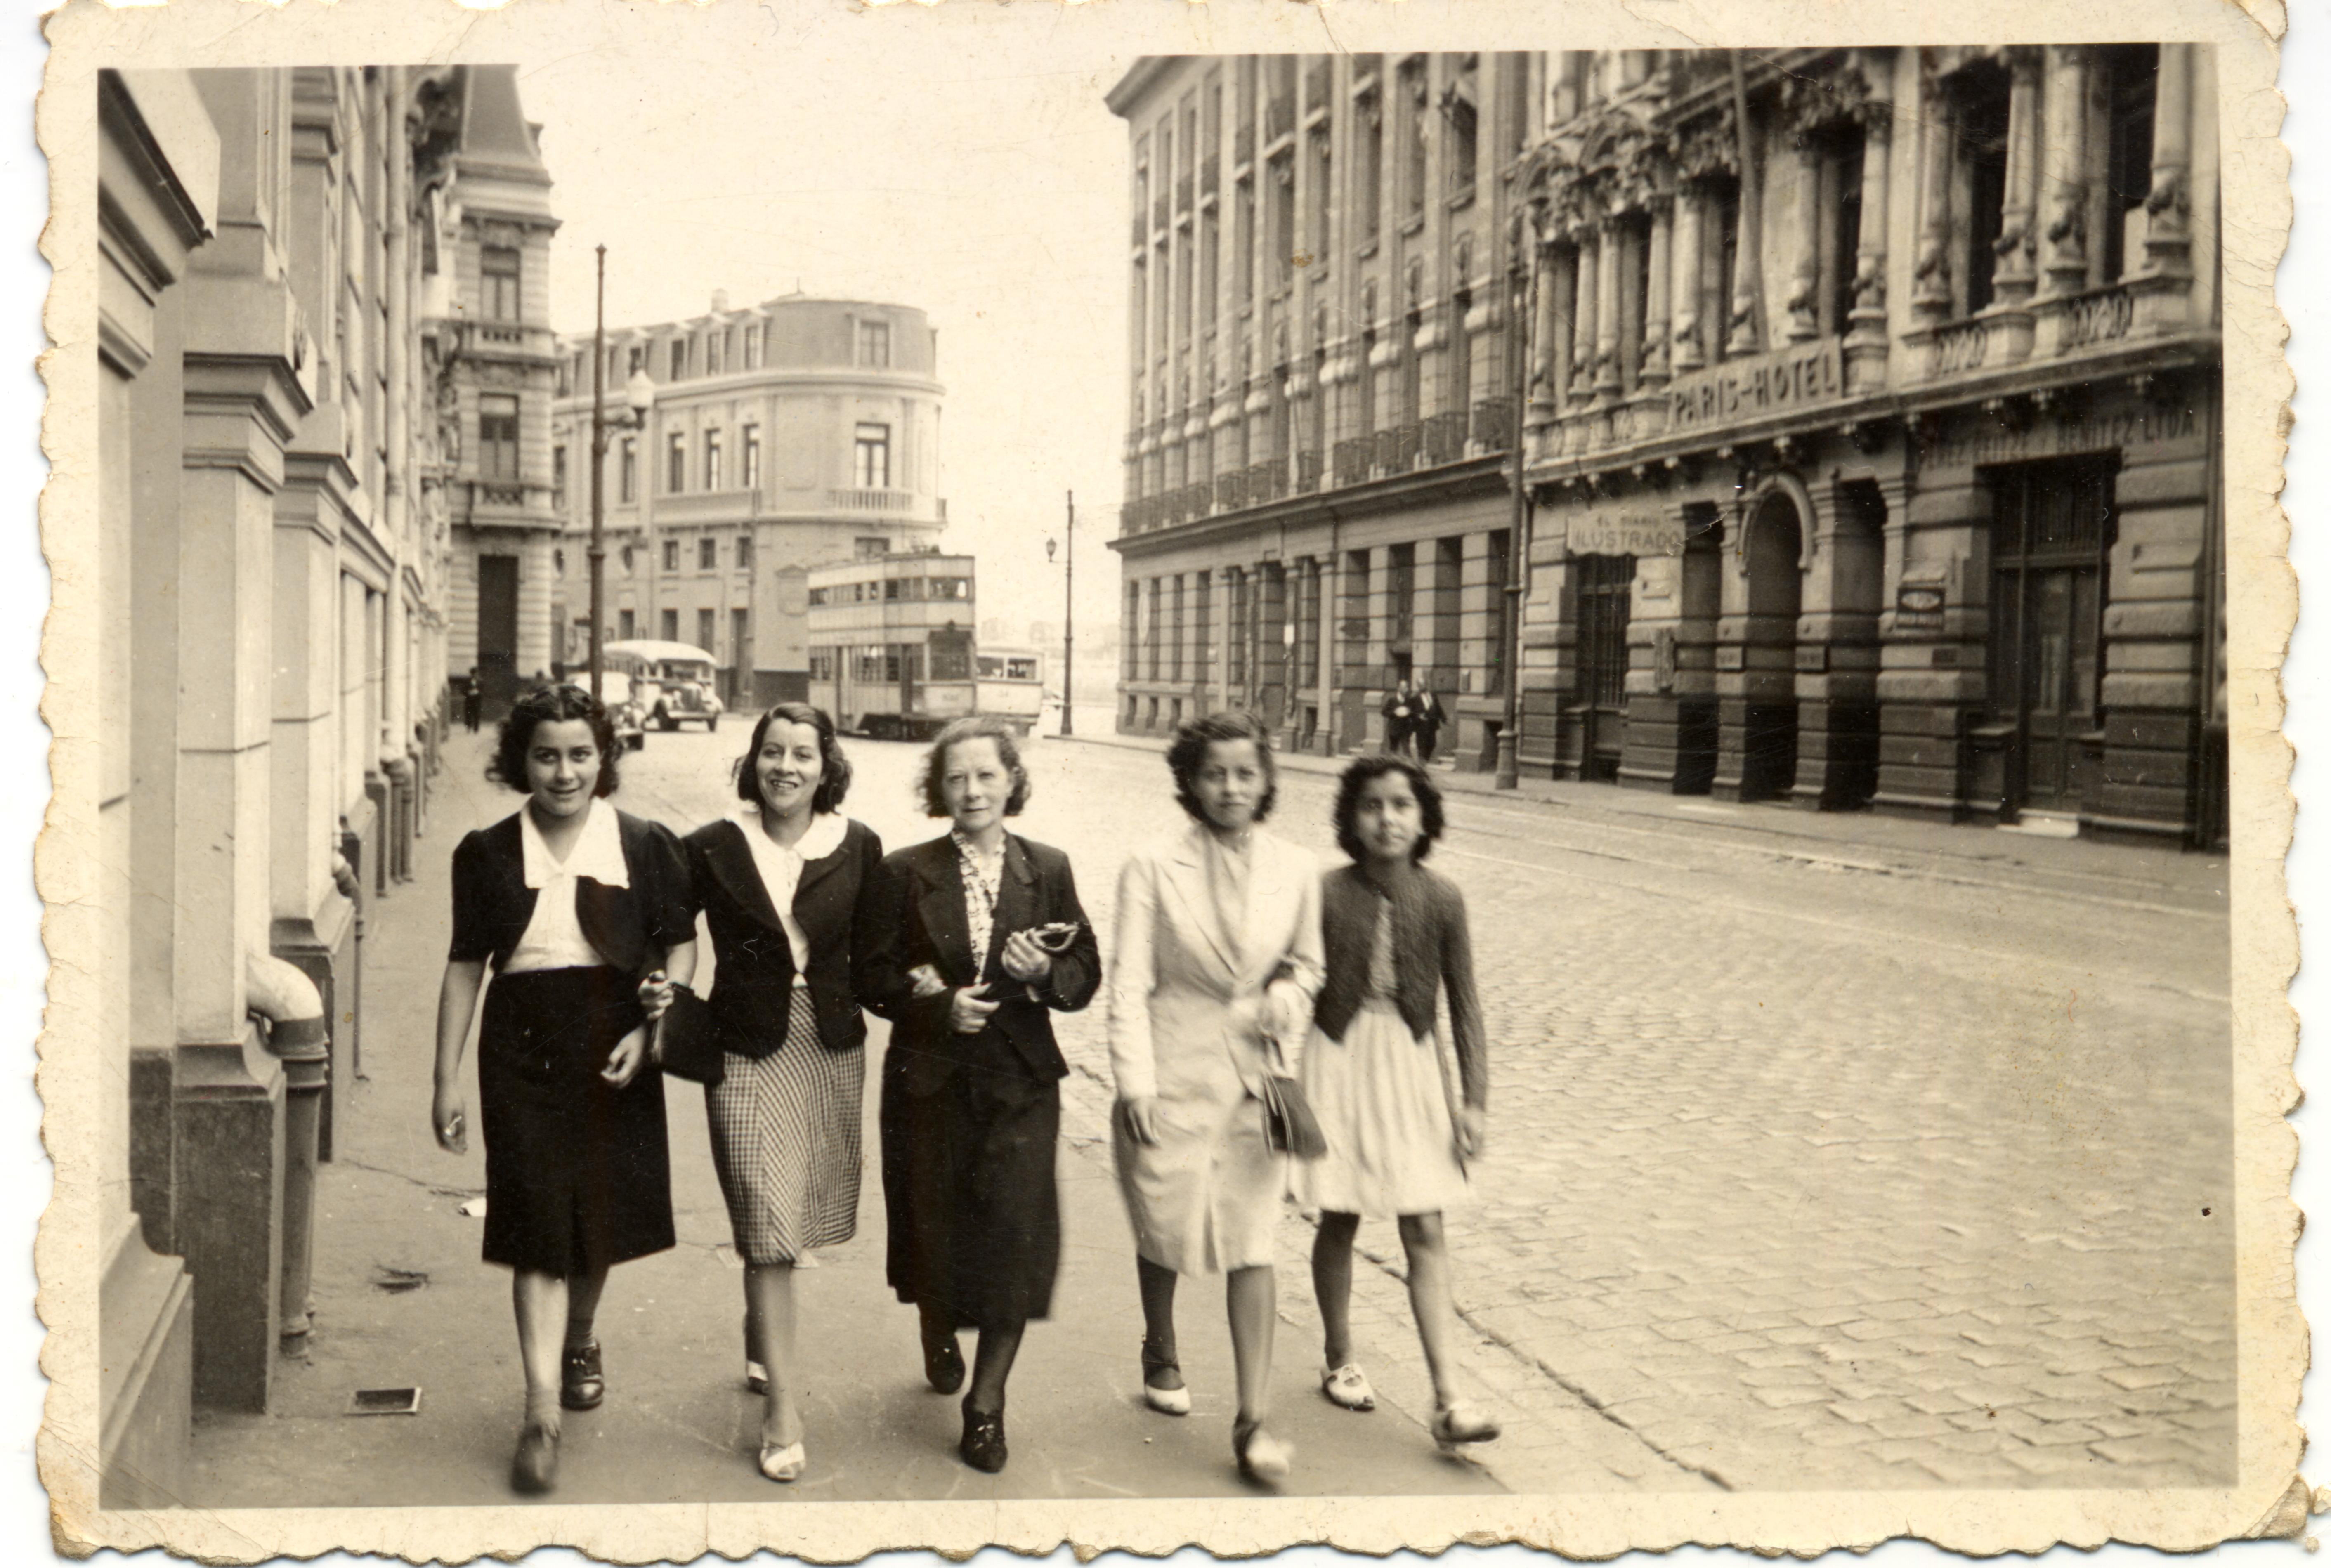 Enterreno - Fotos históricas de chile - fotos antiguas de Chile - Calle Blanco de Valparaiso circa 1940